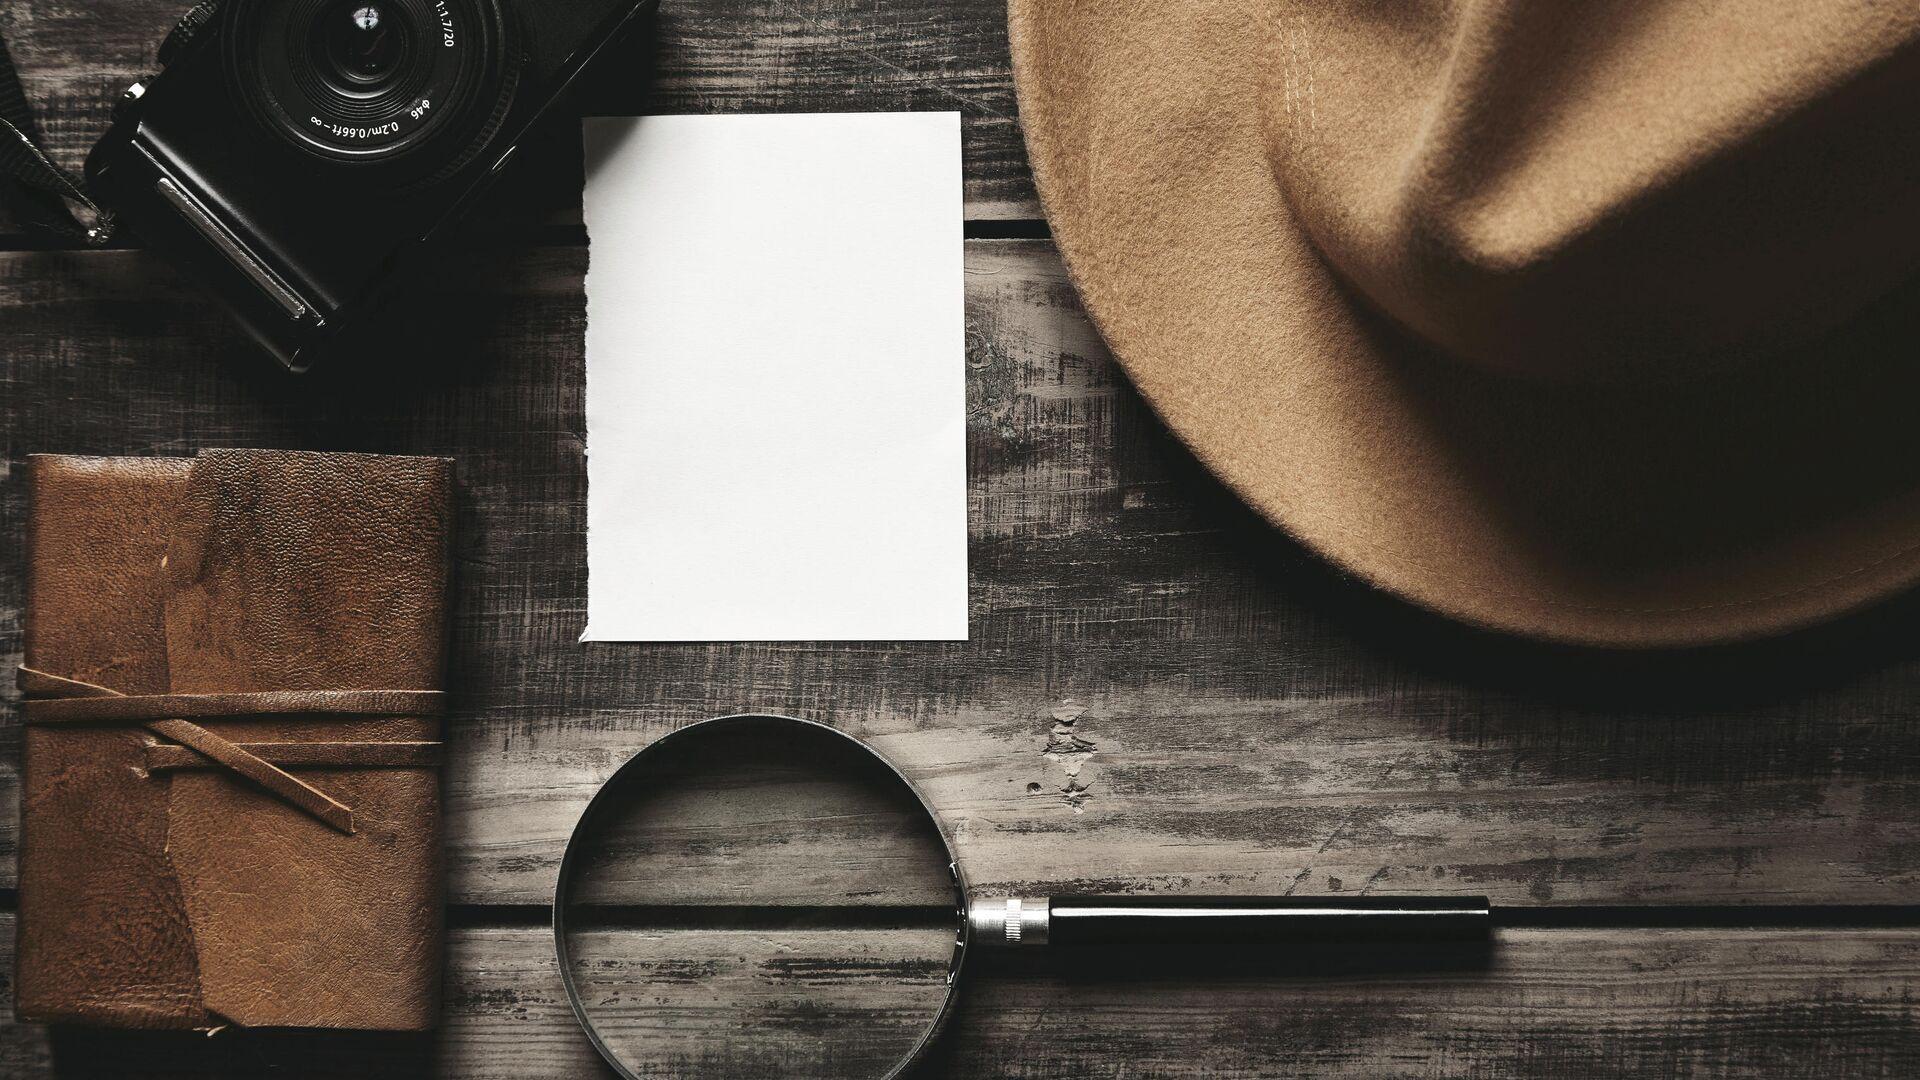 Закрытый блокнот в кожаном переплете, лист белой бумаги, фетровая шляпа, портативная  фотокамера и большая лупа на деревянном столе - РИА Новости, 1920, 04.02.2021